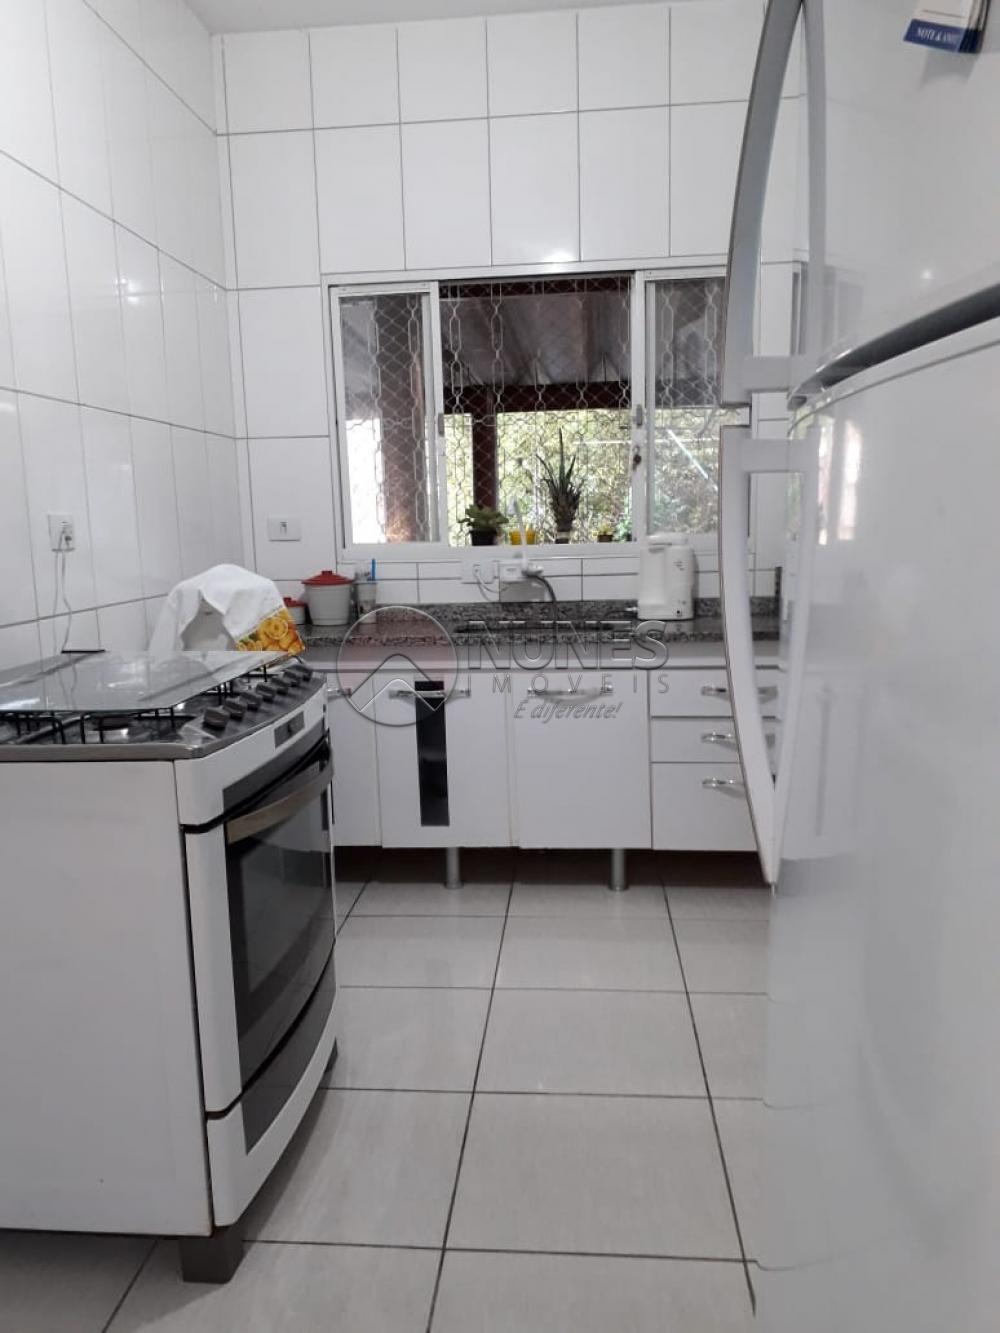 Comprar Casa / Sobrado em Osasco apenas R$ 370.000,00 - Foto 6